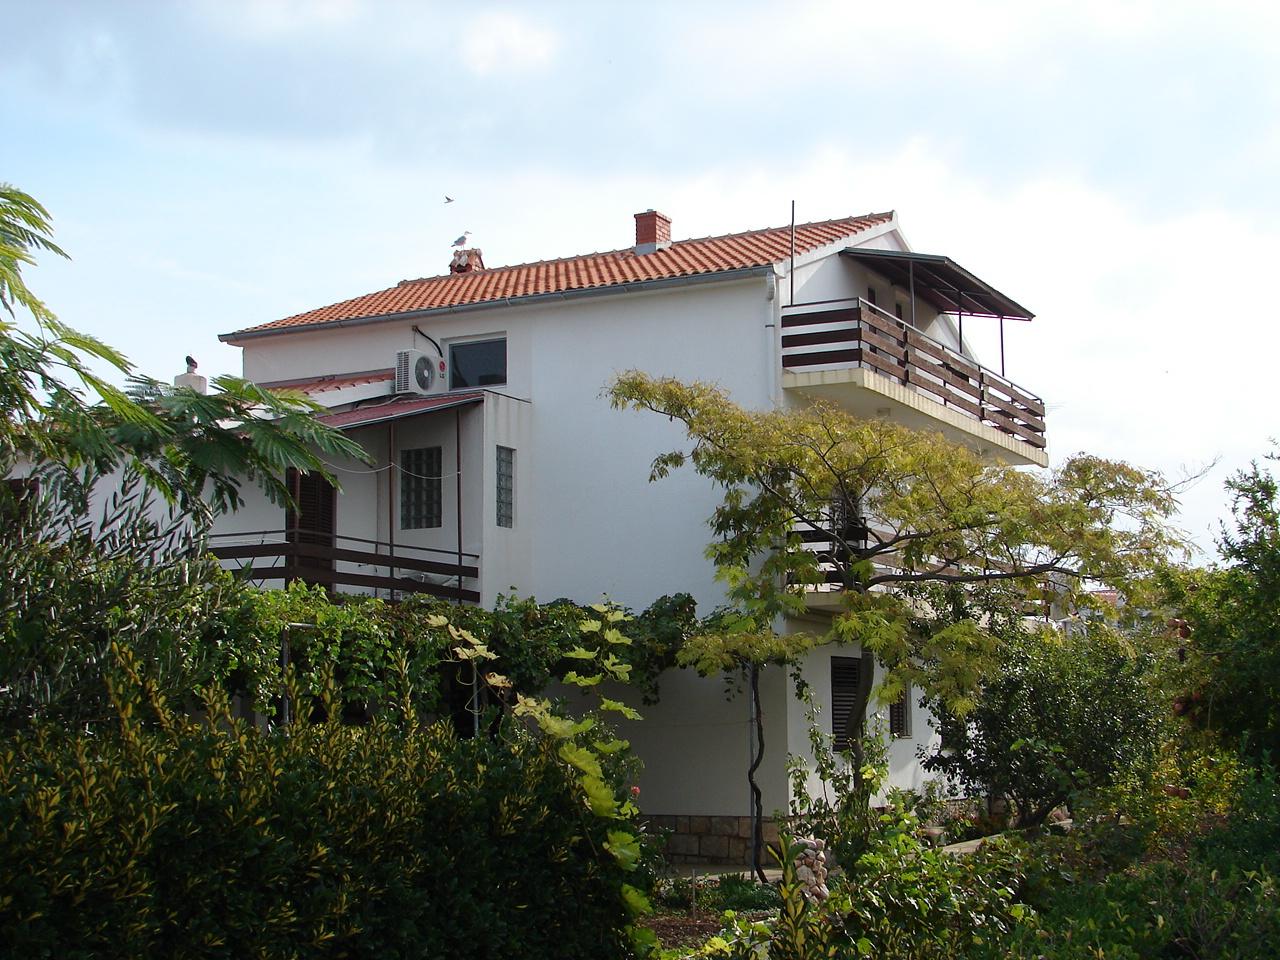 35179 - Betina - Ferienwohnungen Kroatien